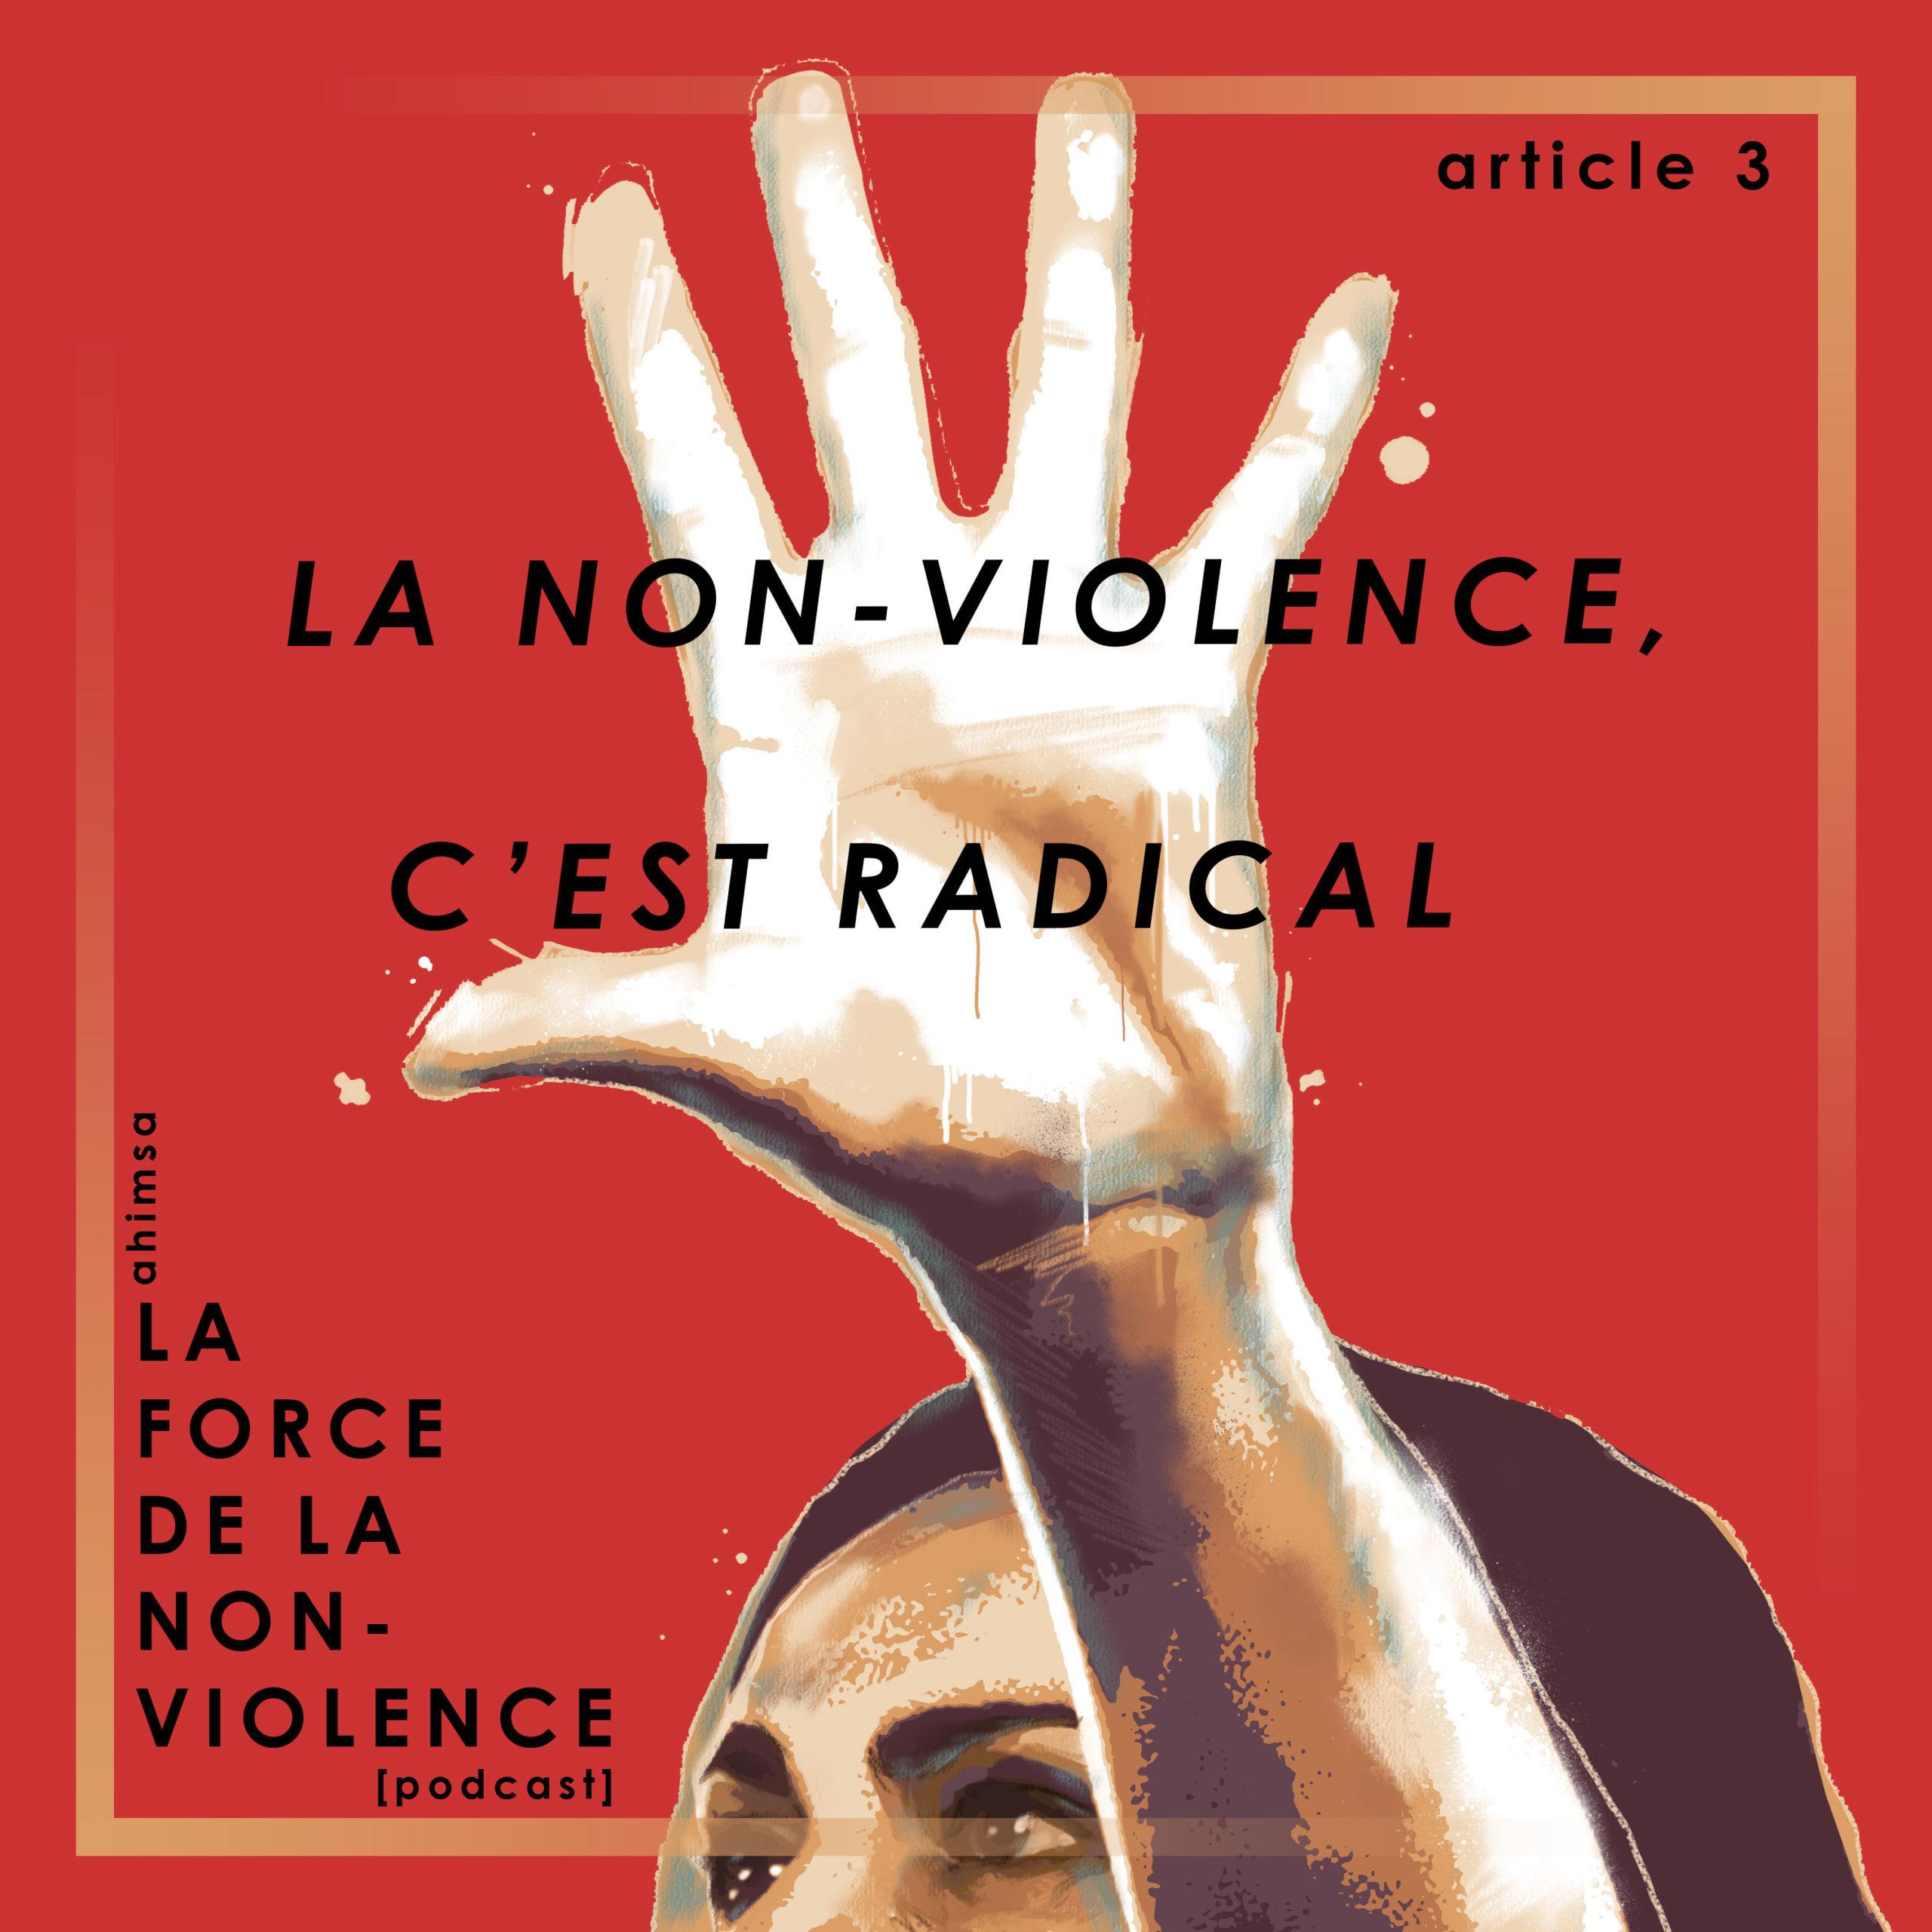 Article - Non-violence - Podcast - La Force de la Non-violence